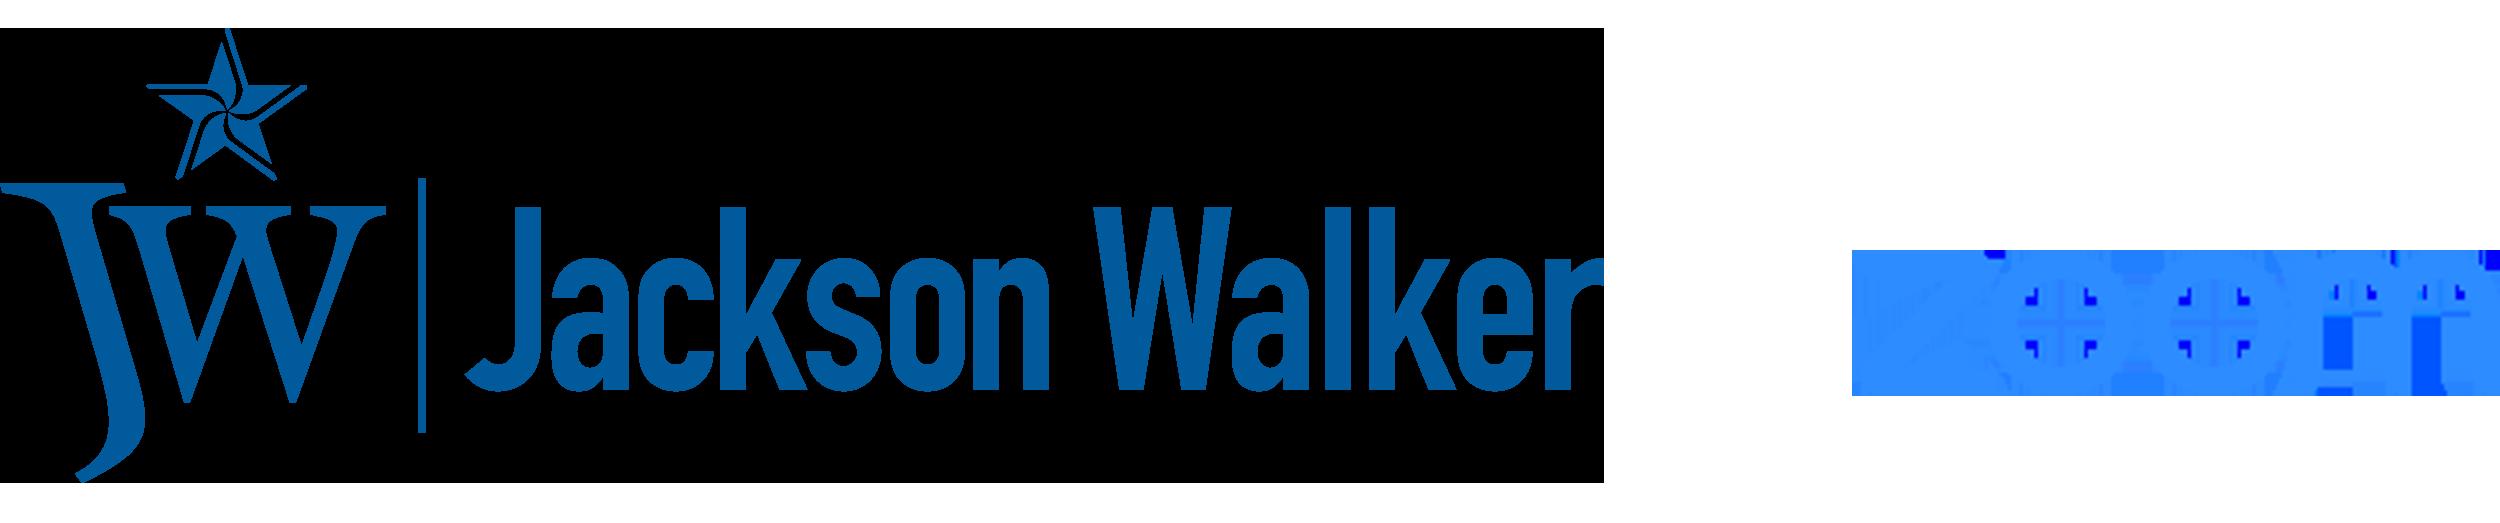 Jackson Walker Zoom Logo